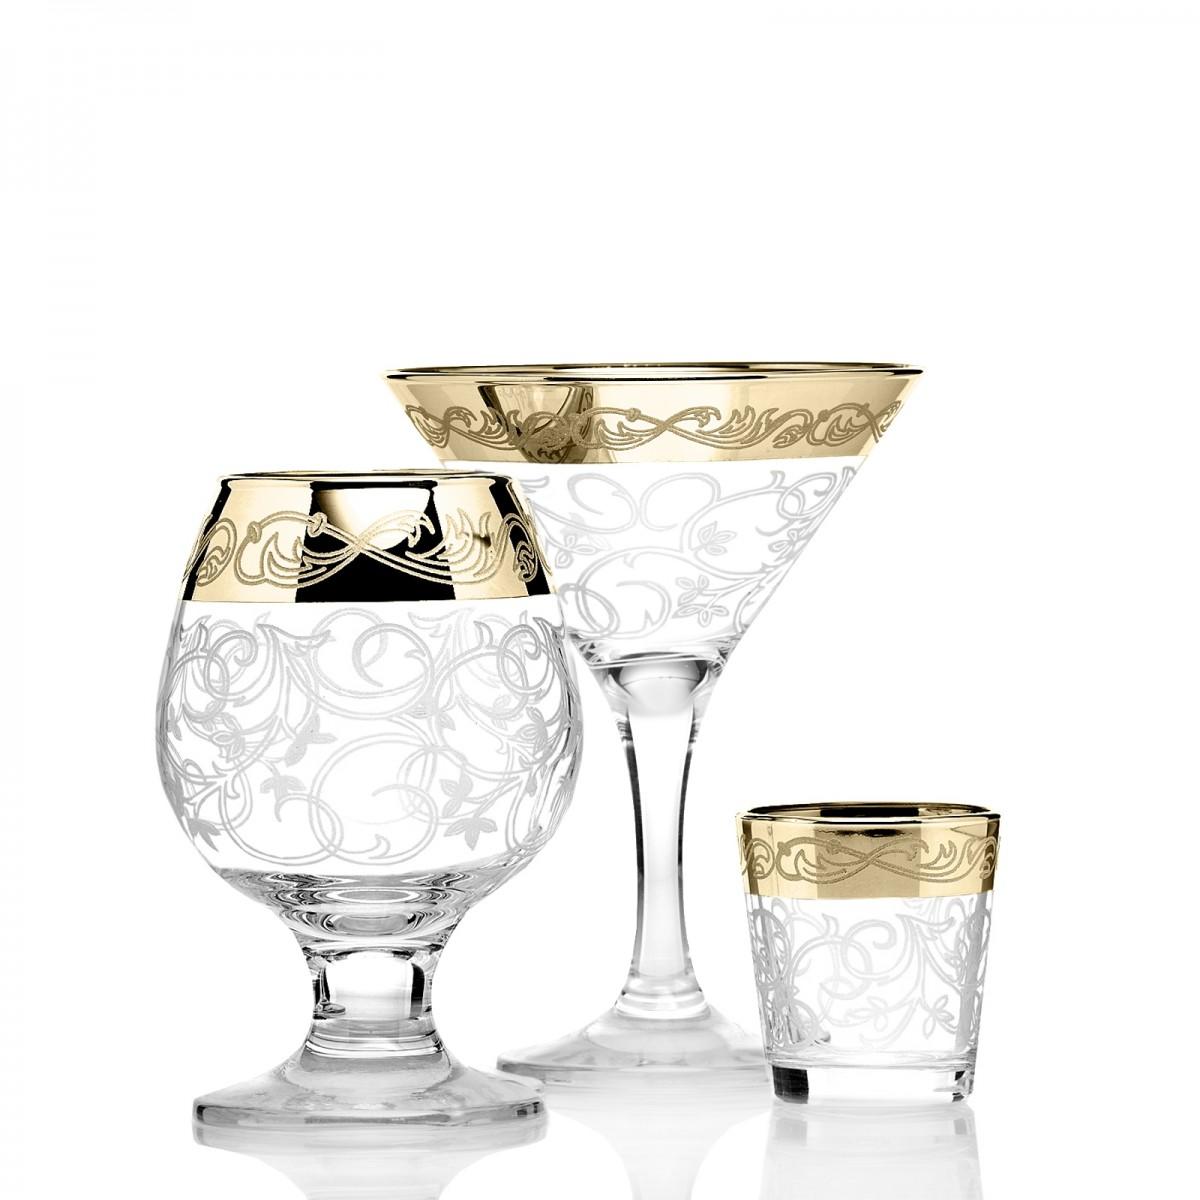 GN2_410_1740_50 Набор 18 предметов «Вдохновение»  (6 бокалов мартини + 6 бокалов бренди + 6 стопок)